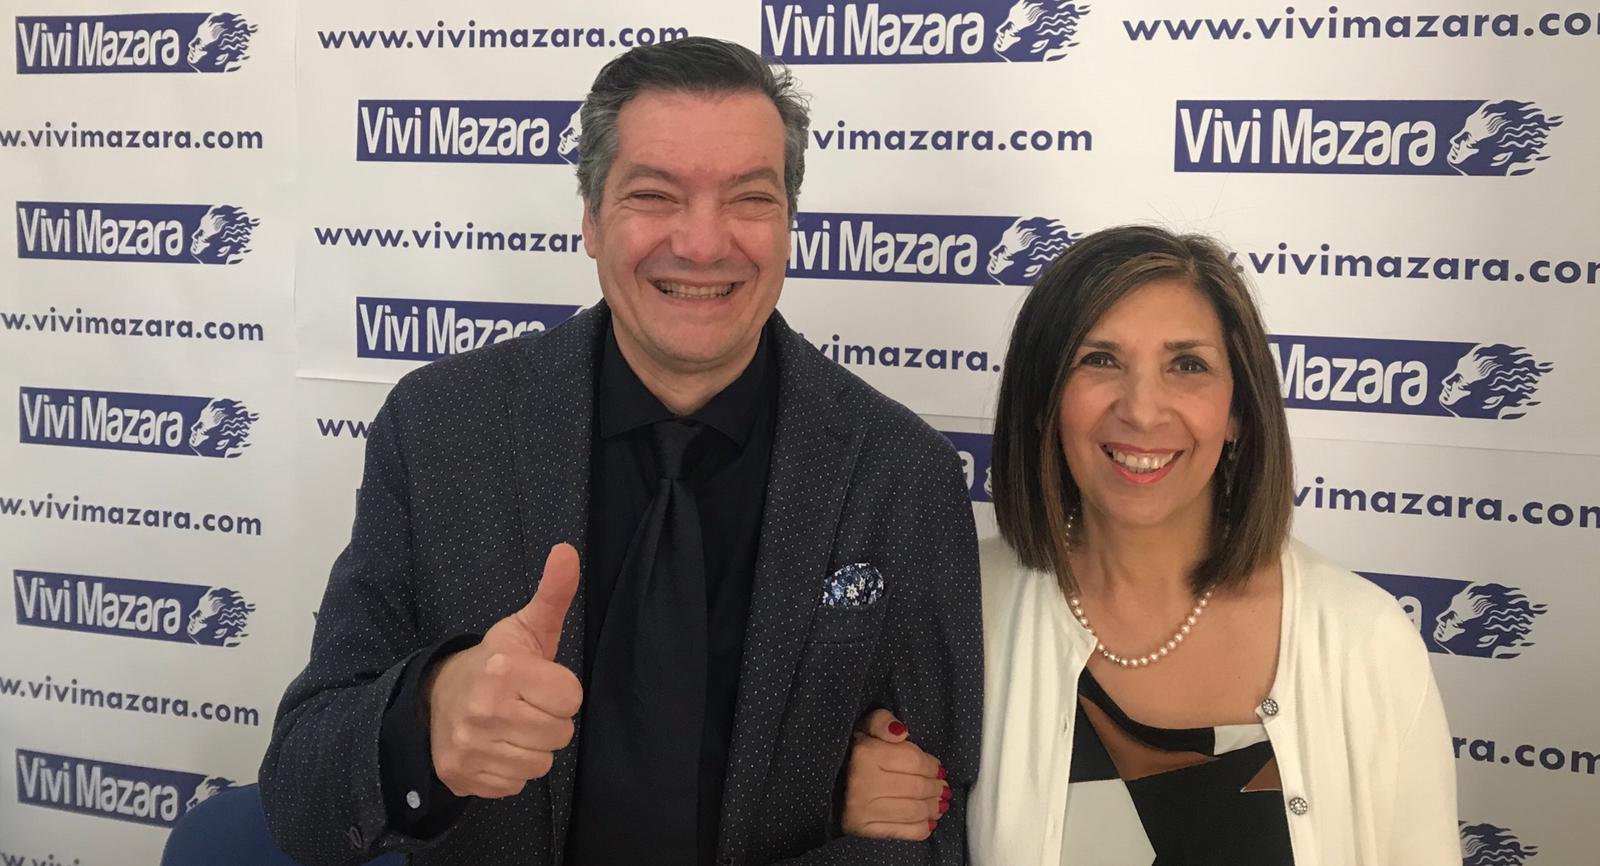 INFORMAZIONE ELETTORALE: AMMINISTRATIVE, INTERVISTA CON IL CANDIDATO SINDACO